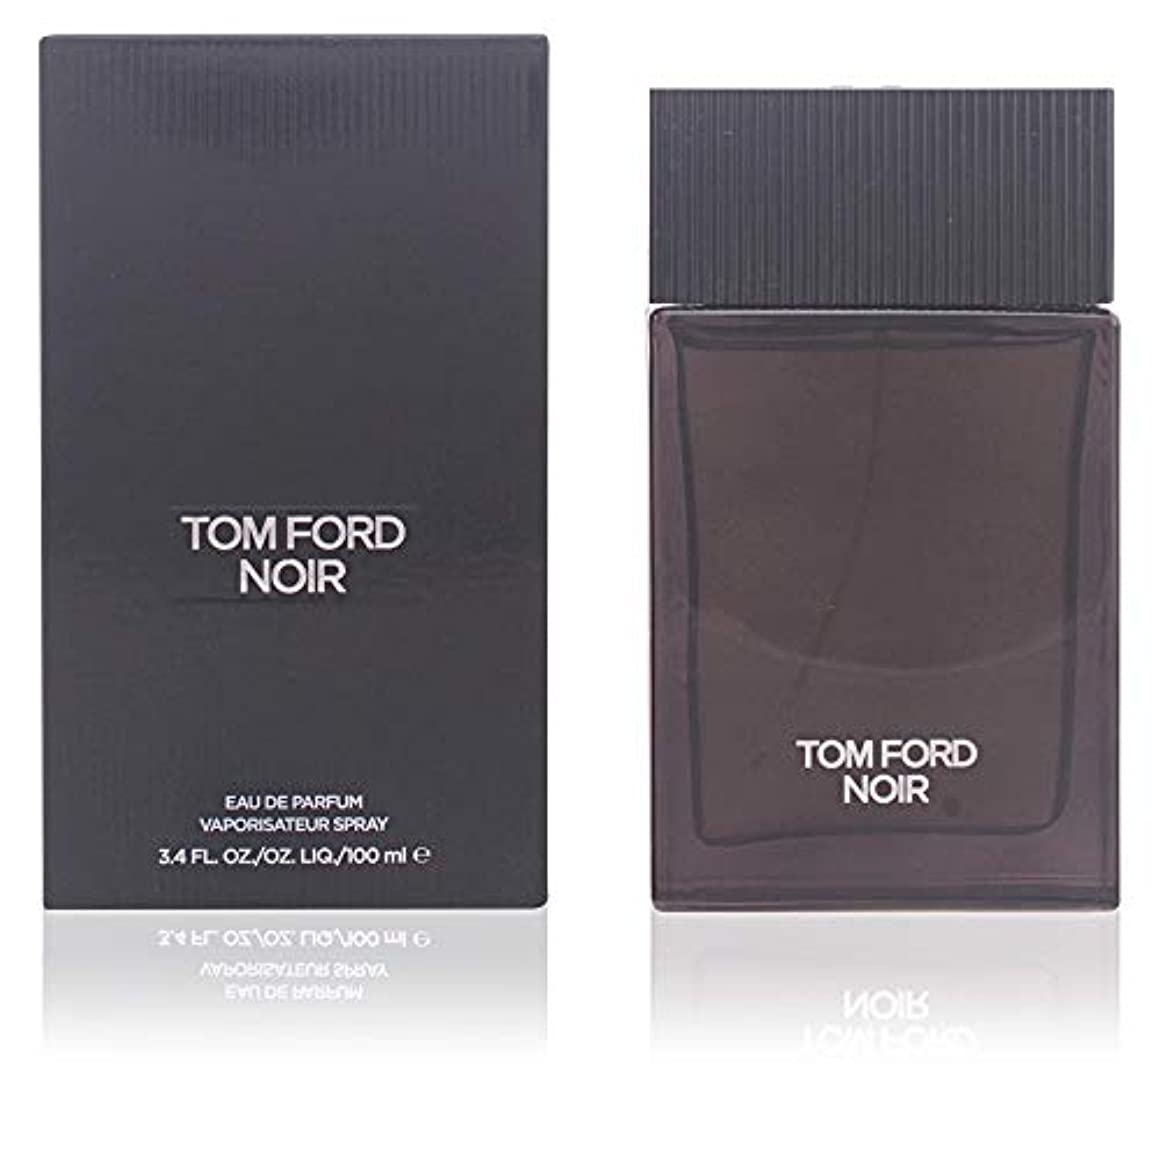 明るくするばか明るくするトムフォード ノワール EDP SP 100ml トムフォード TOM FORD